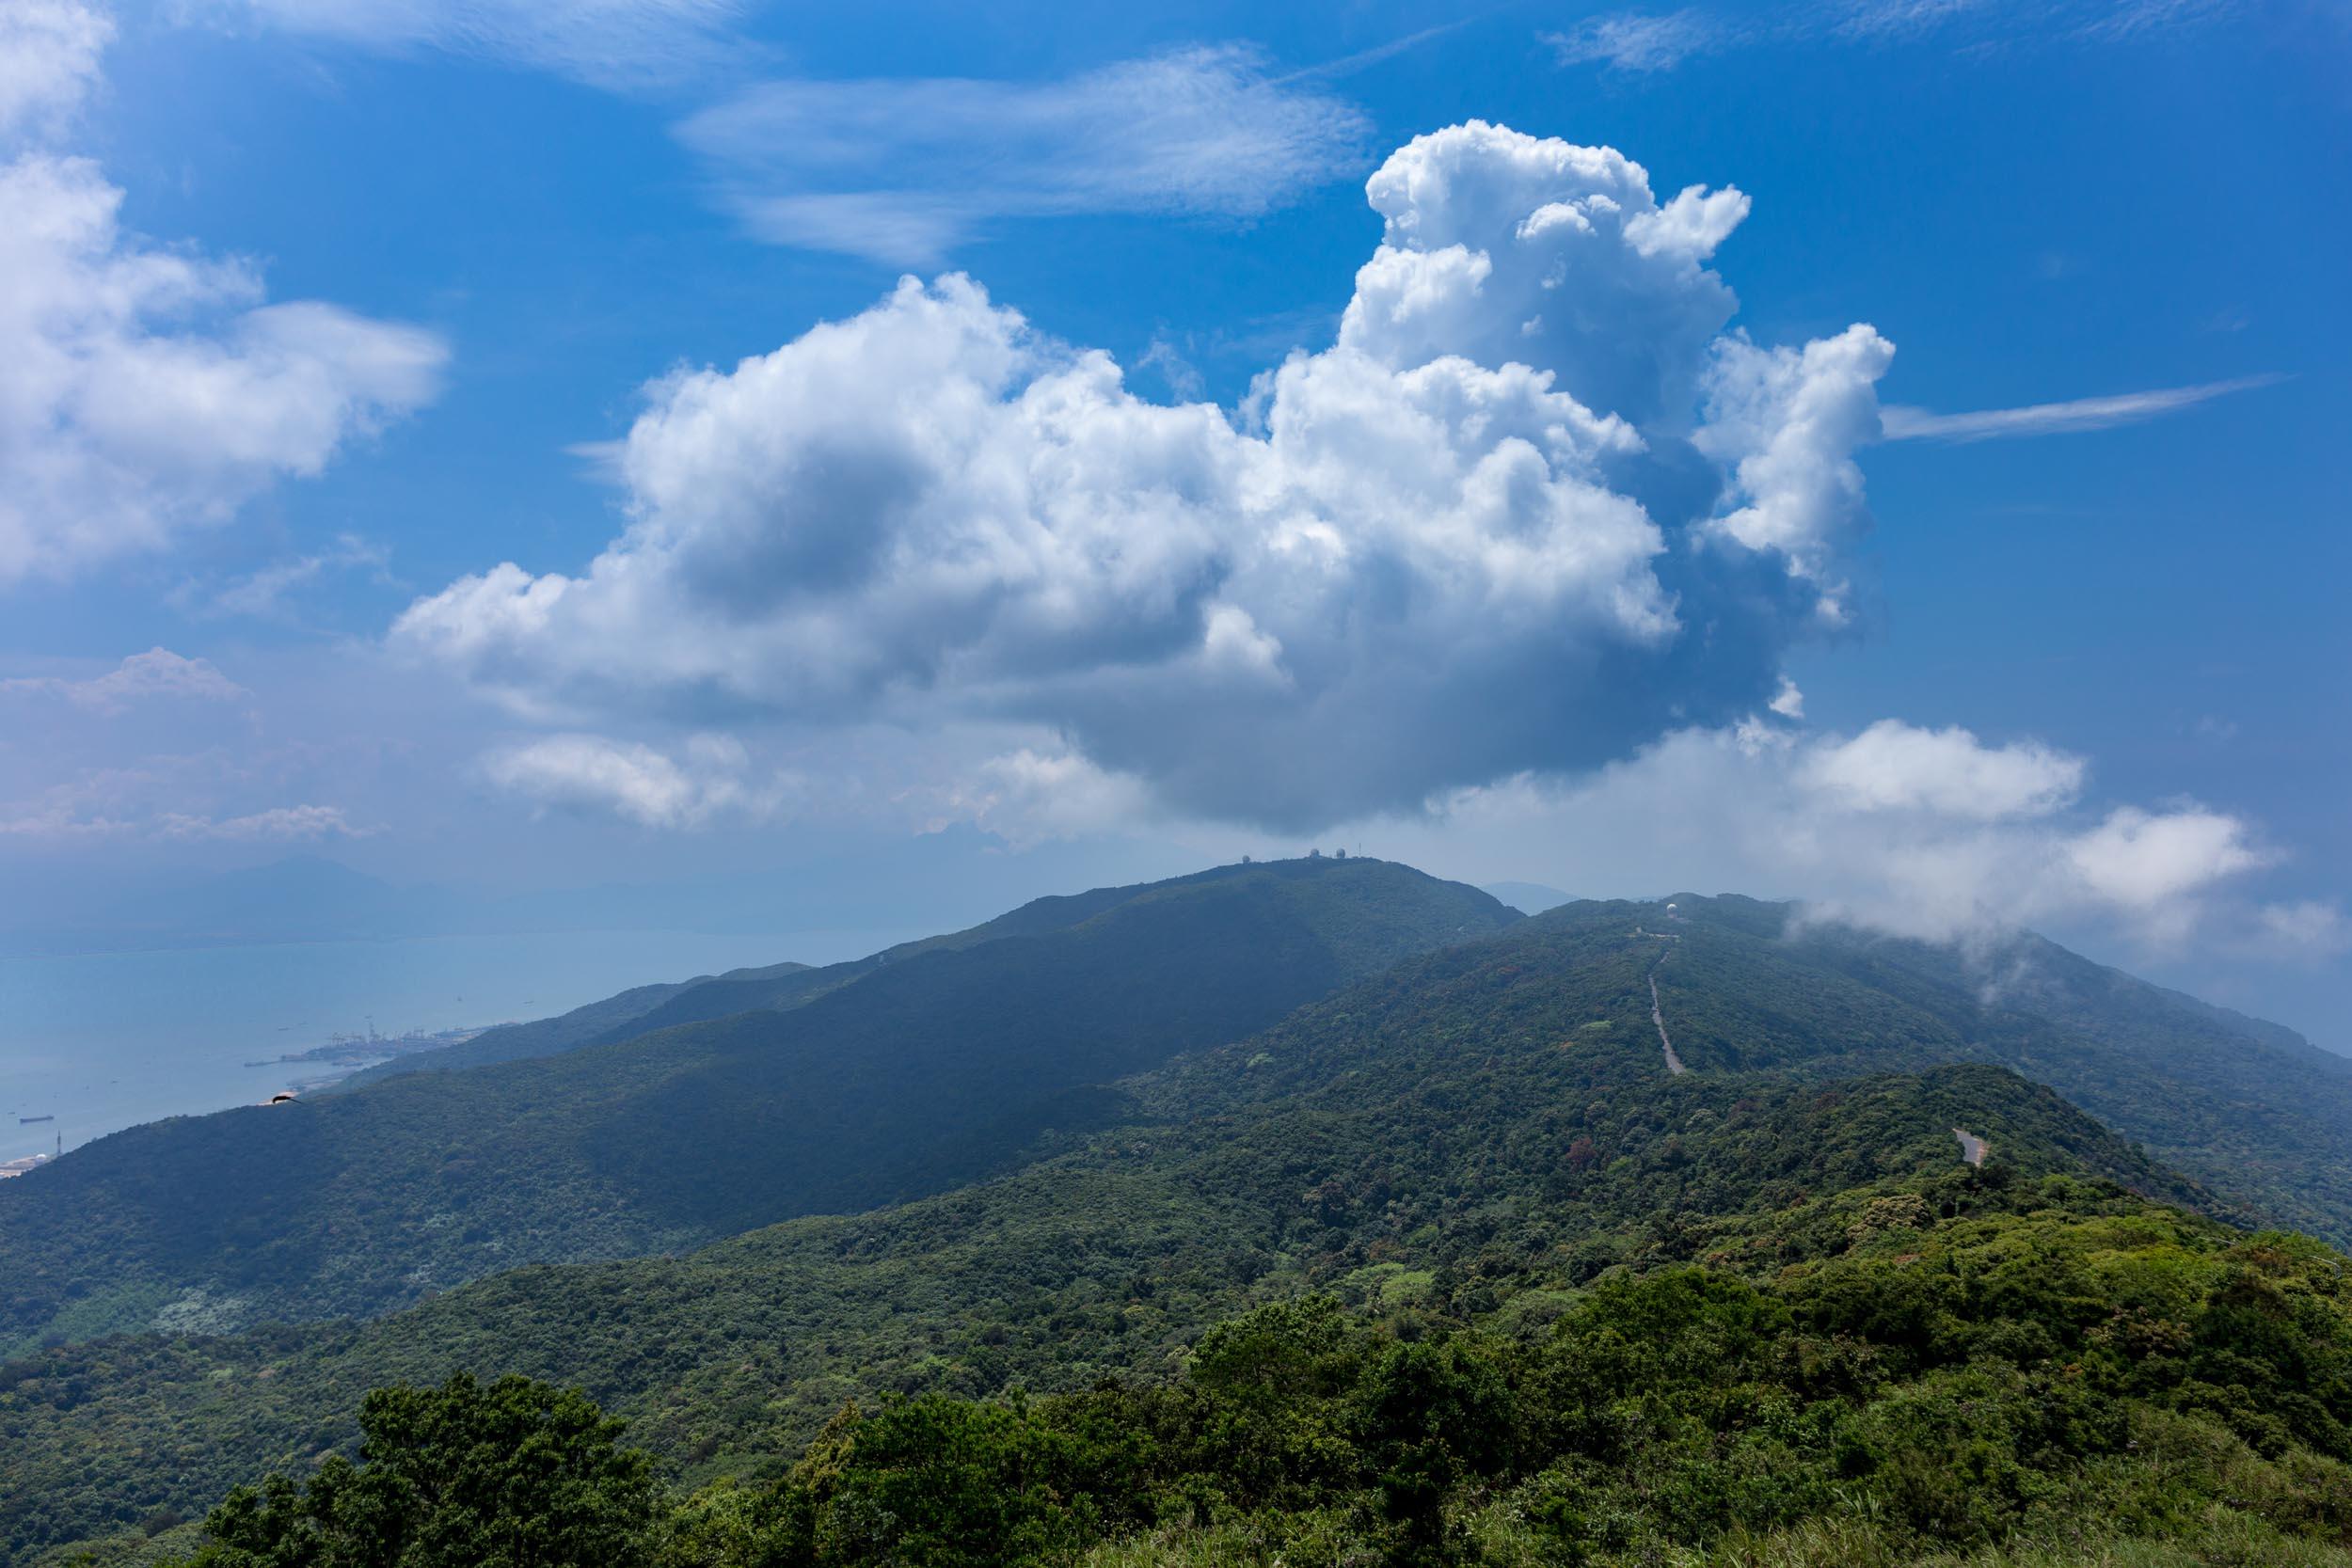 Son Tra Mountain. Da Nang.